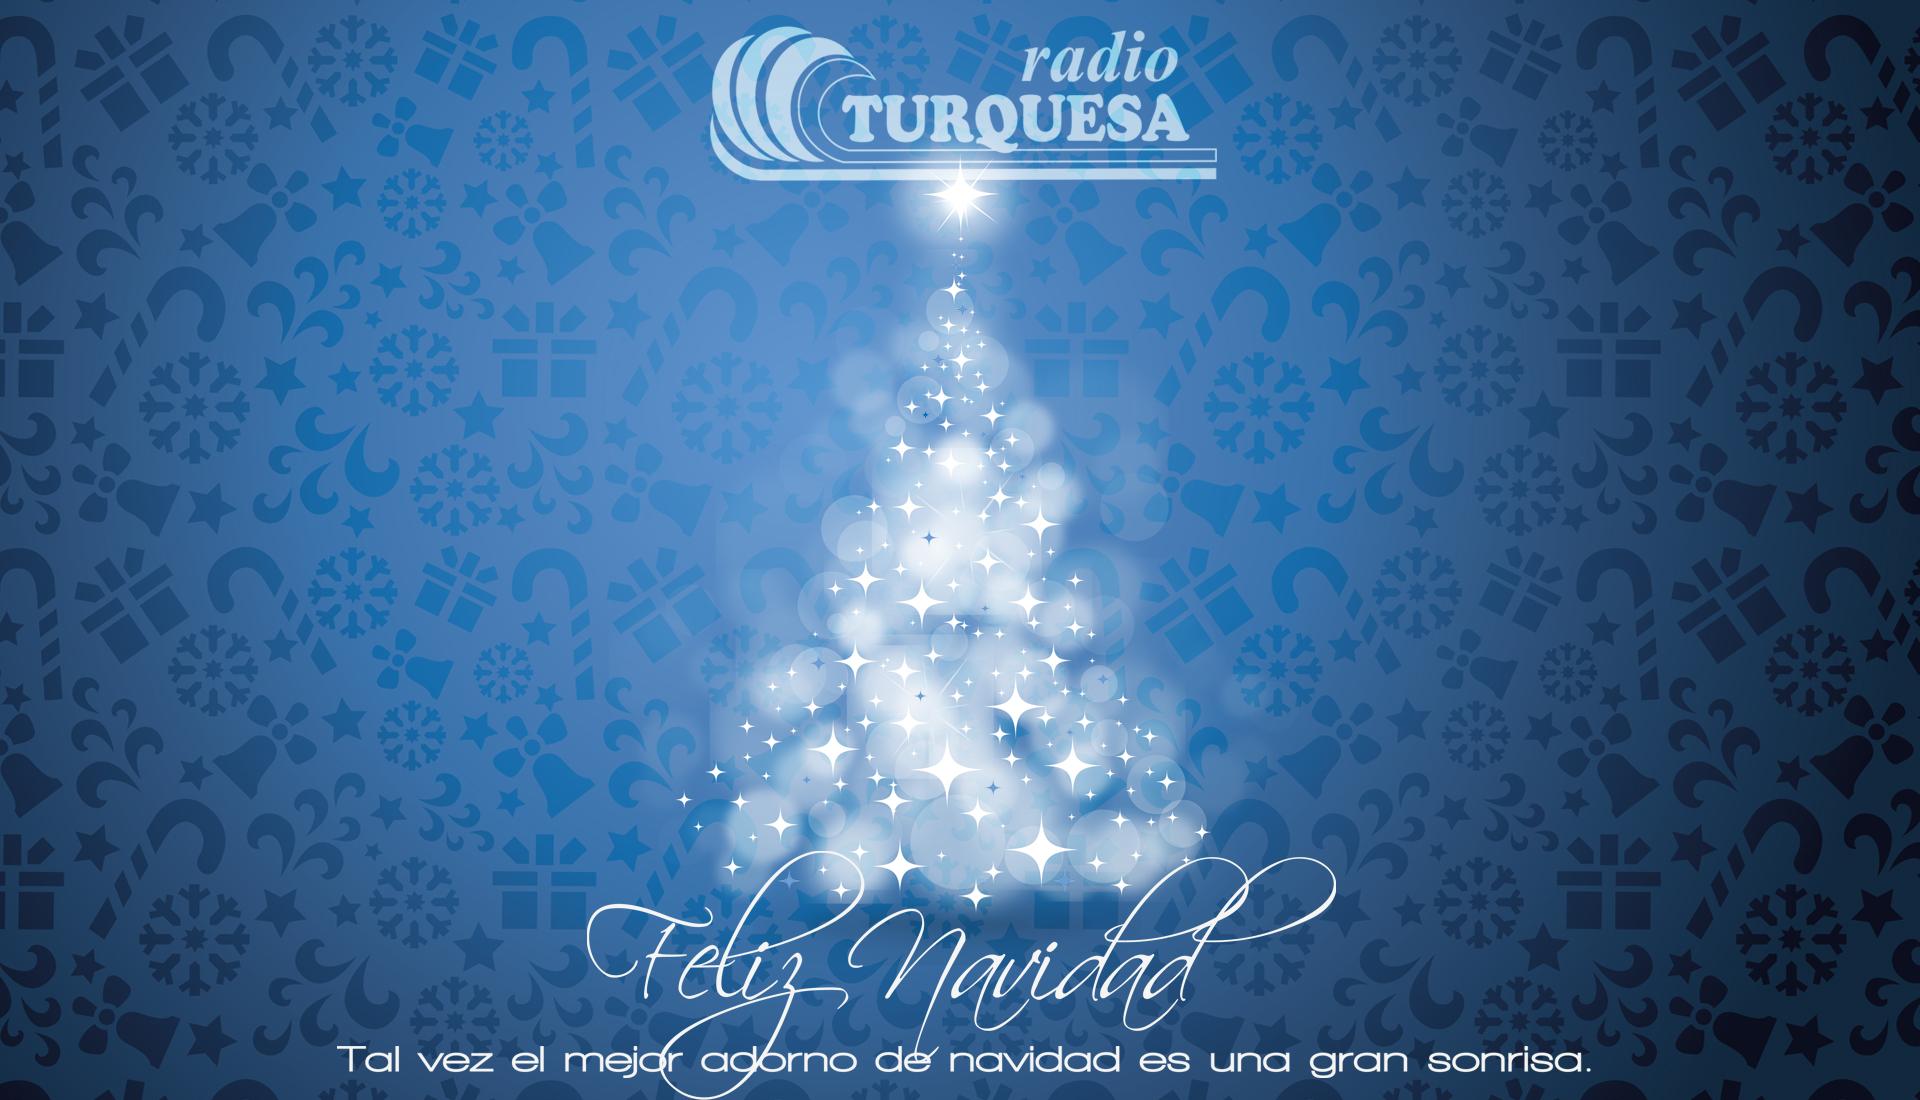 Fondo Navidad Radio Turquesa